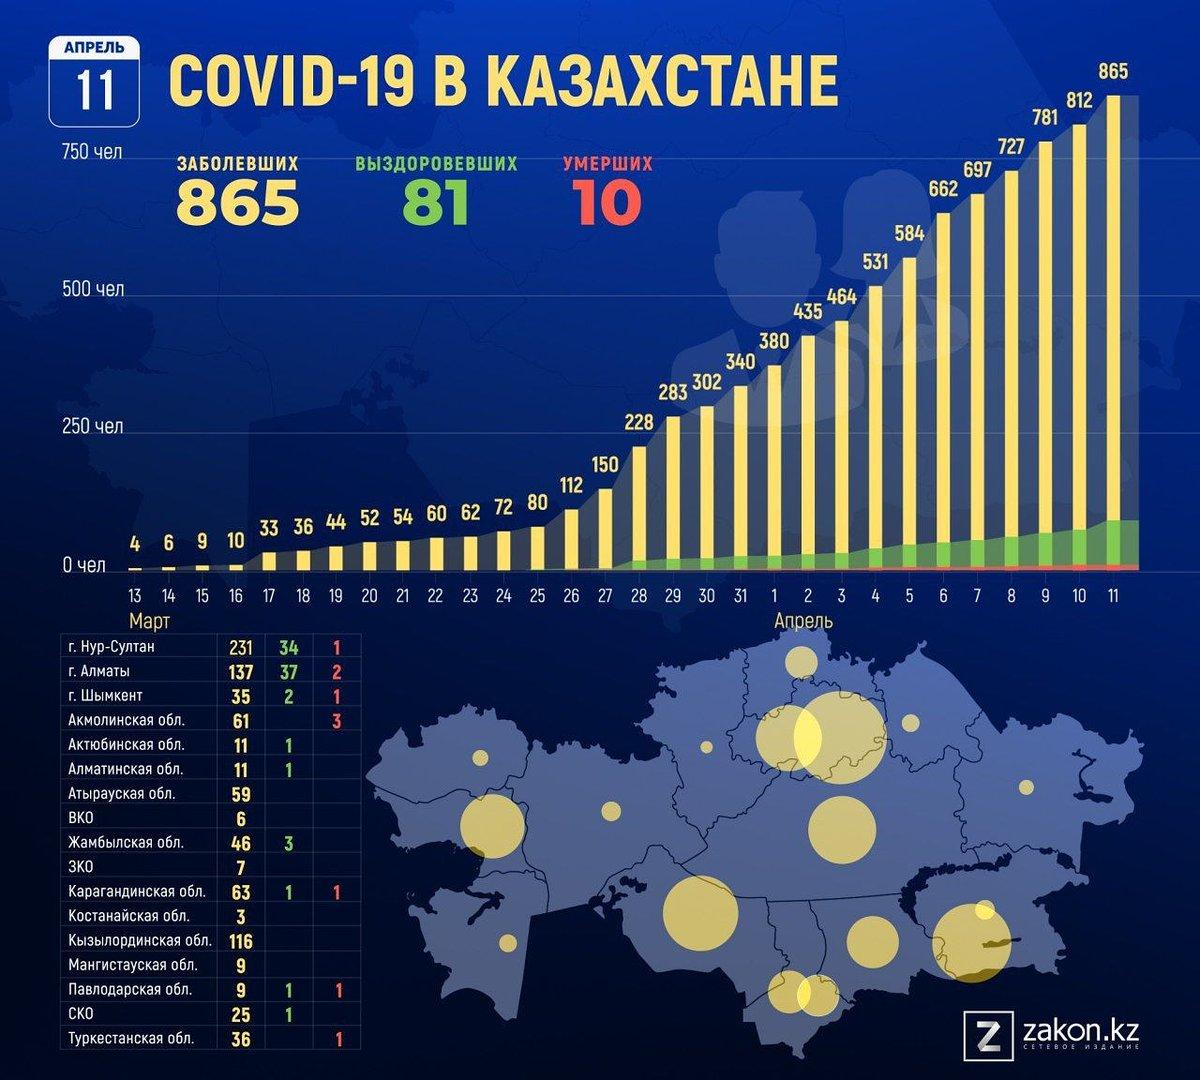 какое место занимает казахстан по насилию